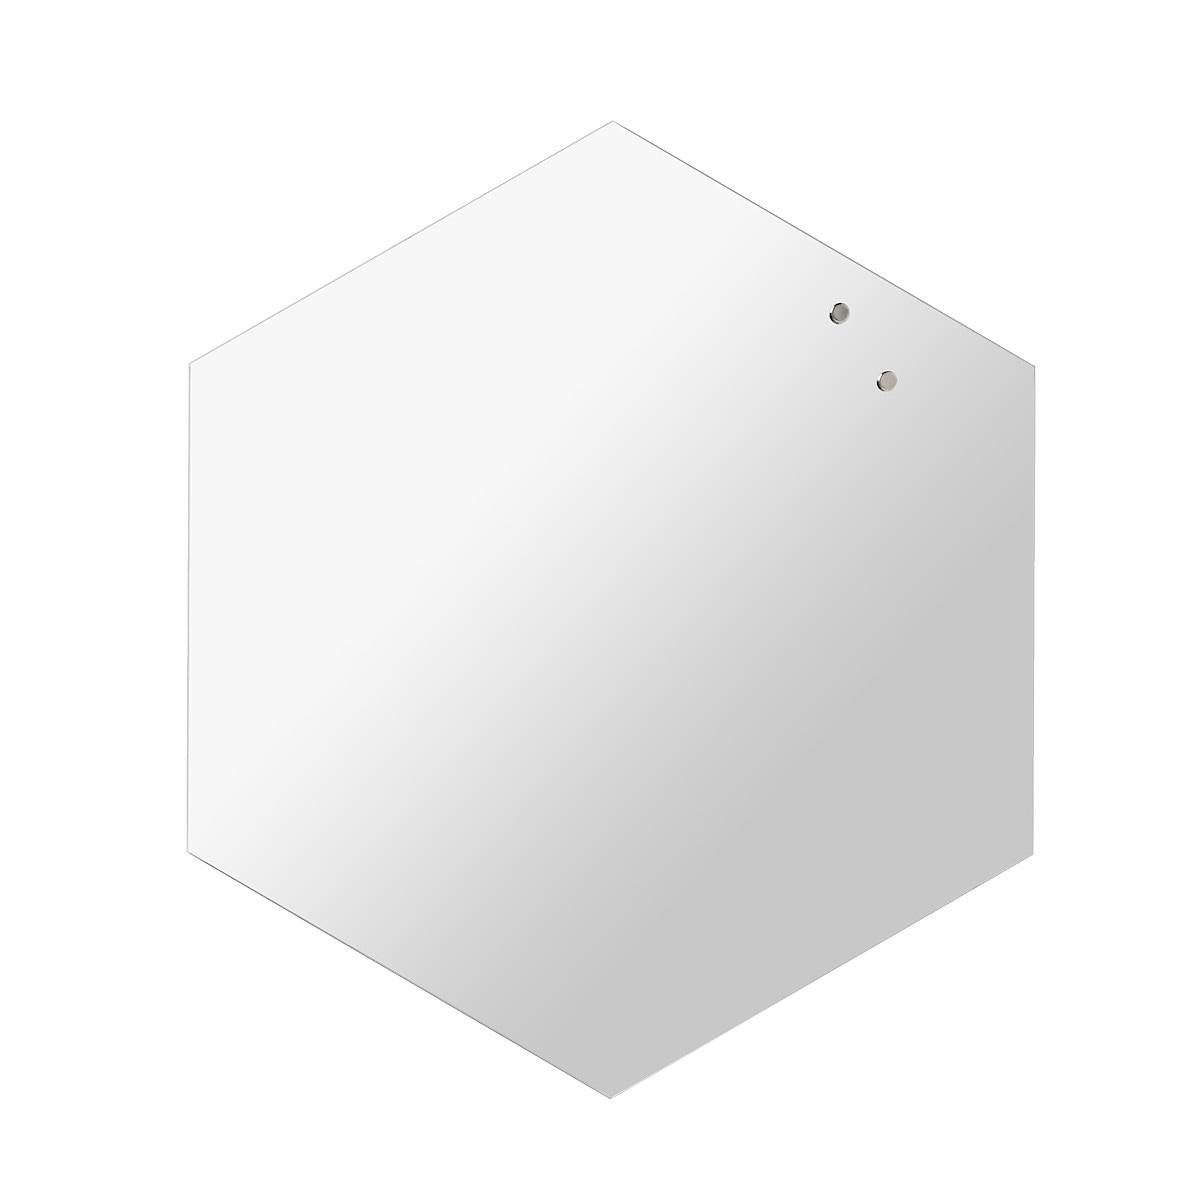 Magnetisk spegel Naga Hexagonal 42 cm